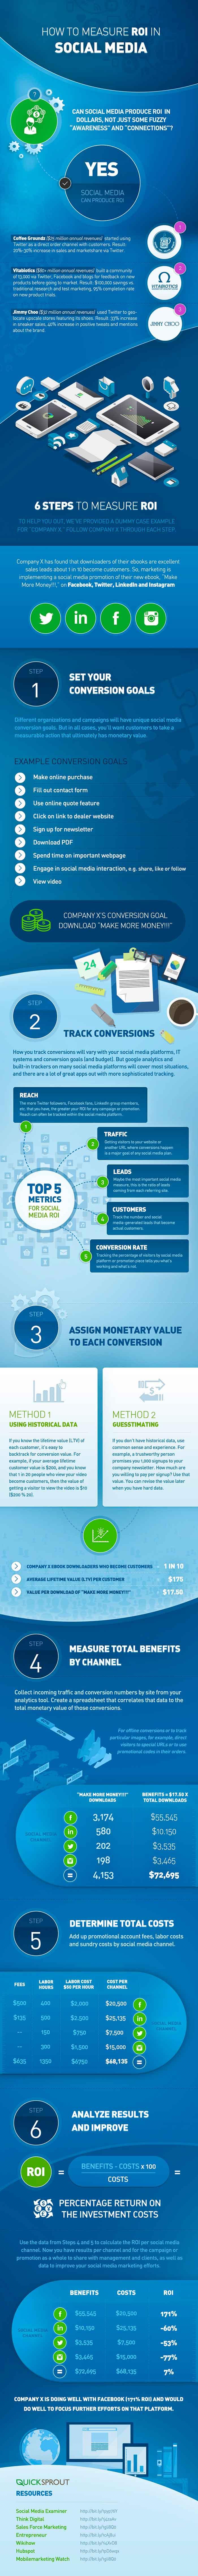 Infografia sobre los 6 pasos para medir el retorno de la inversion en Social Media